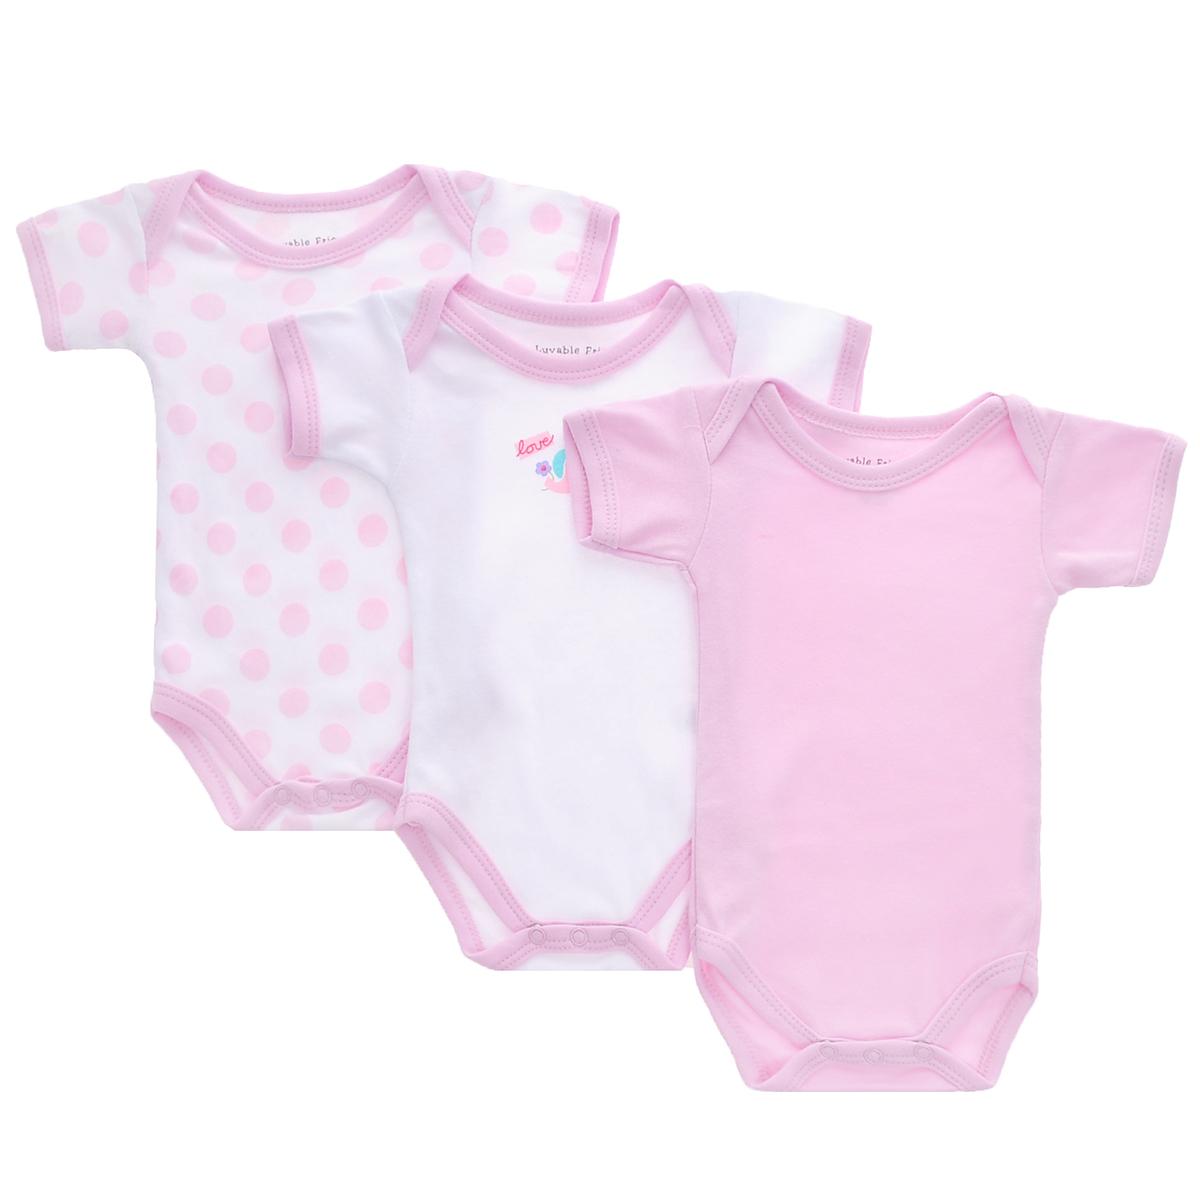 Боди детское, 3 шт. 3059030590Боди для новорожденного Luvable Friends с короткими рукавами послужит идеальным дополнением к гардеробу вашего малыша в теплое время года, обеспечивая ему наибольший комфорт. Боди изготовлено из интрелока - натурального хлопка, благодаря чему оно необычайно мягкое и легкое, не раздражает нежную кожу ребенка и хорошо вентилируется, а эластичные швы приятны телу младенца и не препятствуют его движениям. Интерлок - мягкий хлопчатобумажный трикотажный материал, имеющий приятную для тела гладкую фактуру, не скатывается при носке, не растягивается и не деформируется при стирке. Удобные запахи на плечах и кнопки на ластовице помогают легко переодеть младенца и сменить подгузник. Боди полностью соответствует особенностям жизни ребенка в ранний период, не стесняя и не ограничивая его в движениях. В нем ваш малыш всегда будет в центре внимания. В комплект входят боди трех расцветок.